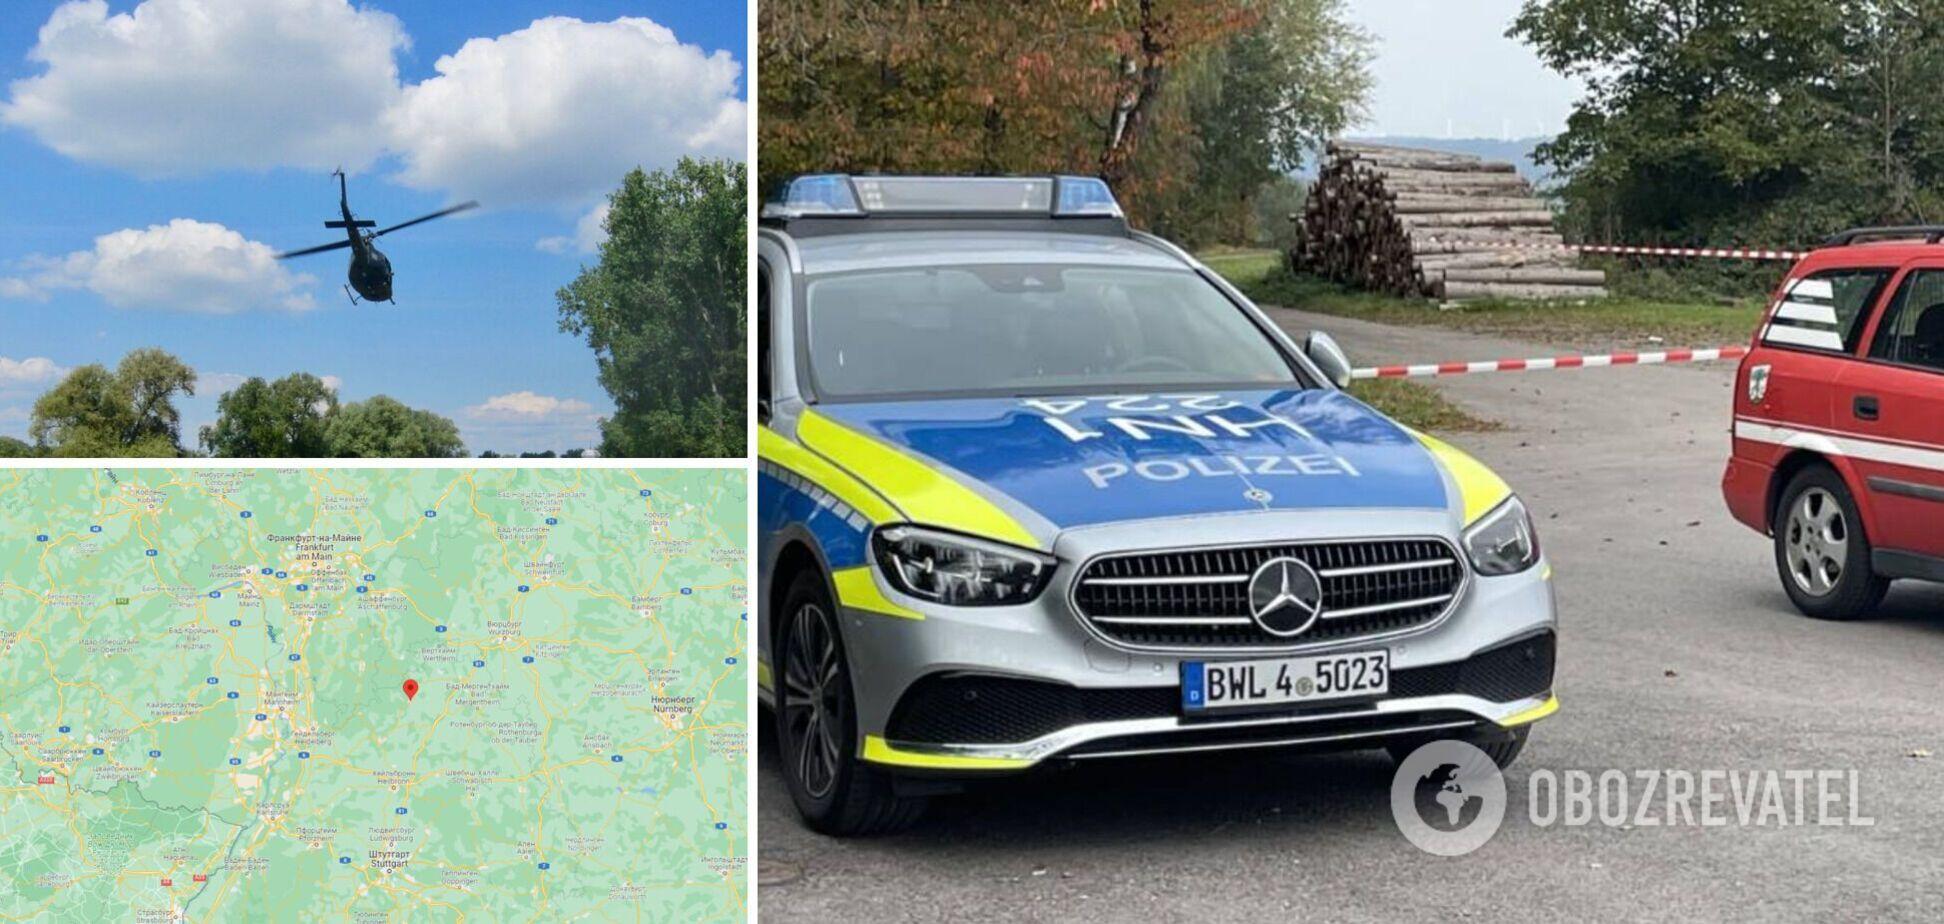 В Германии разбился вертолет, погибли три человека: выяснились подробности